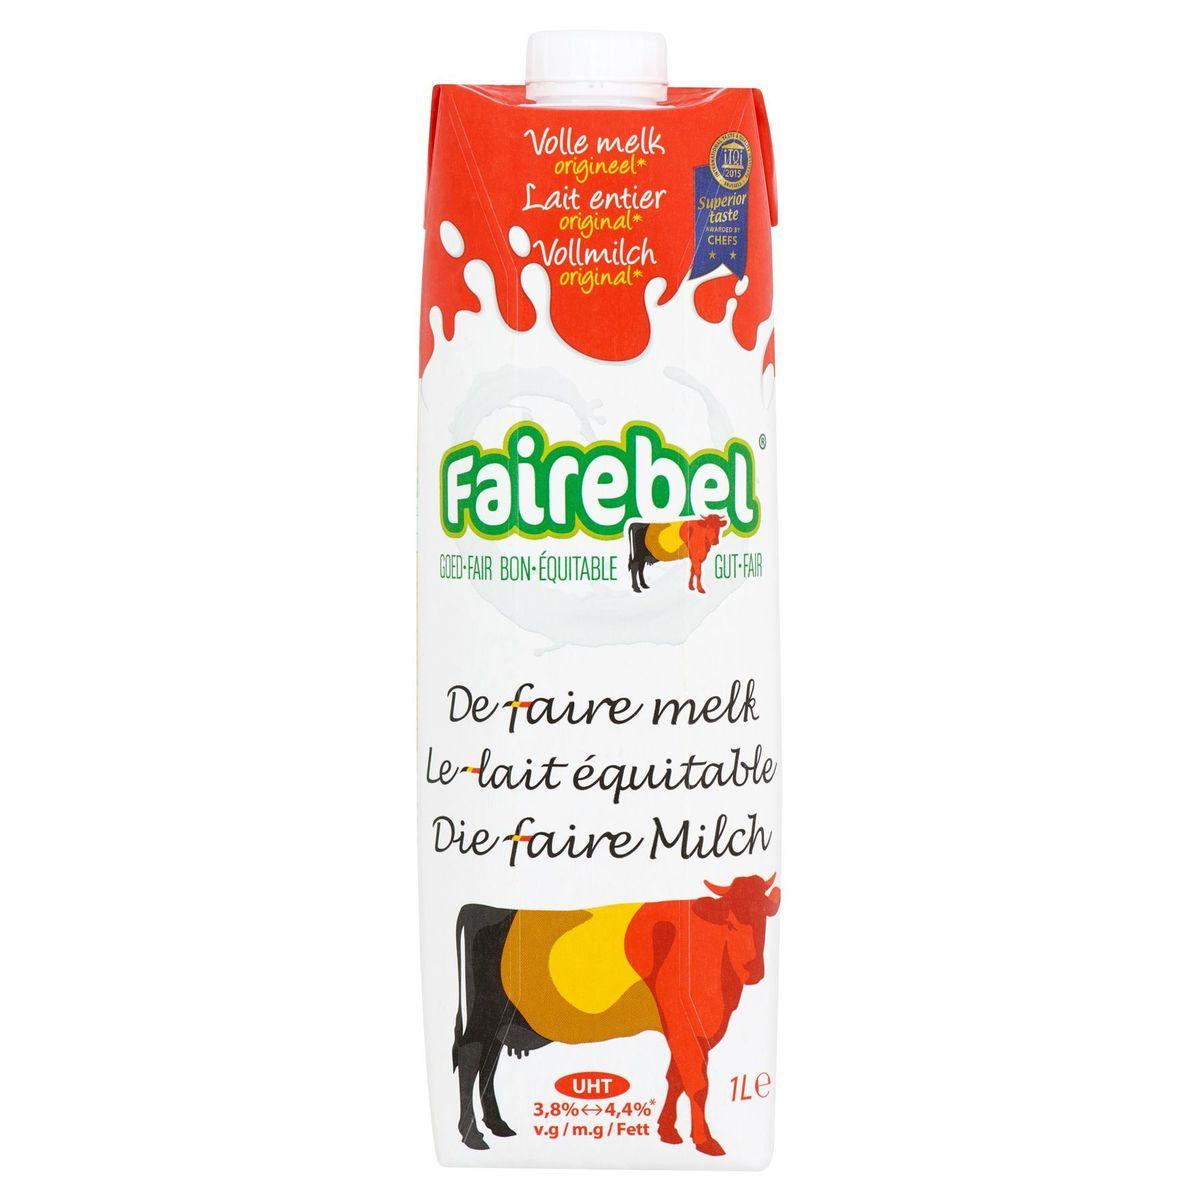 Fairebel Lait Entier Original 1 L